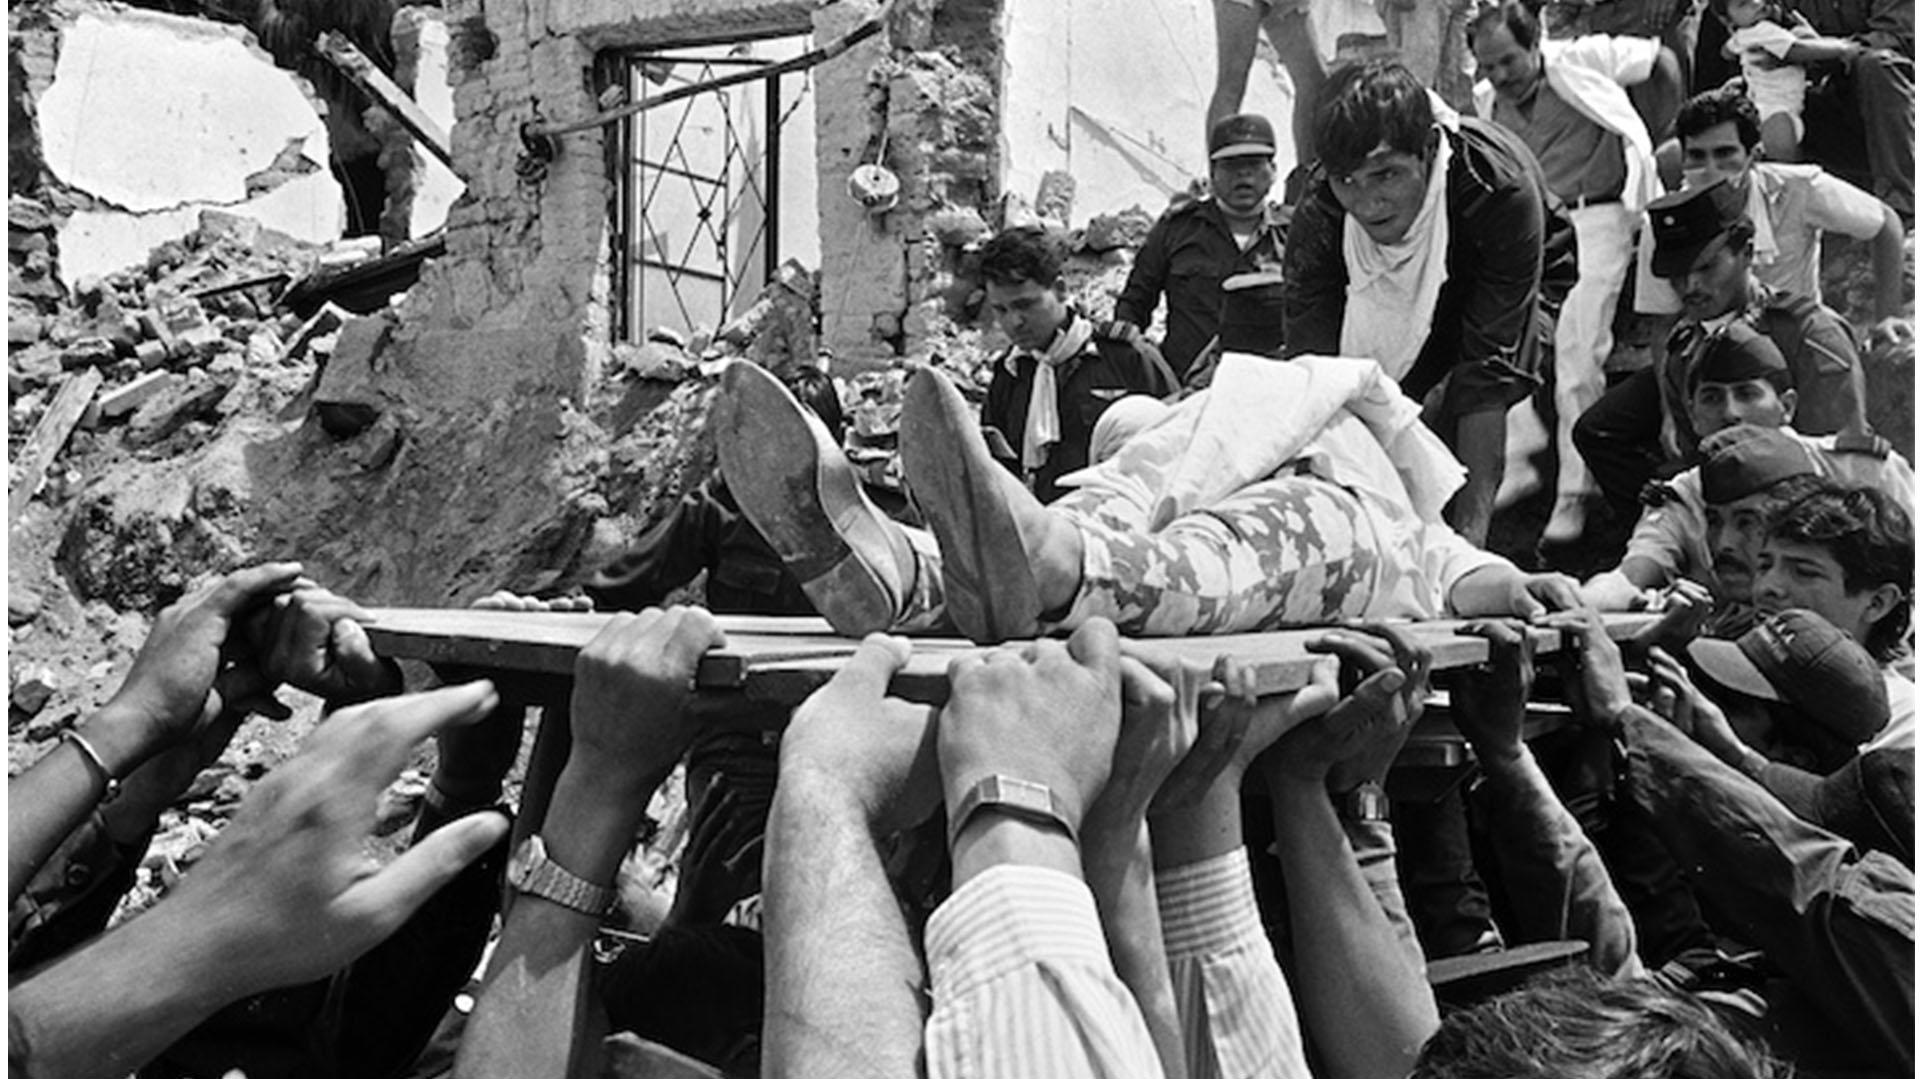 El 22 de abril de 1992 en Guadalajara, personas volaron por los aires, algunas nunca aparecieron (Foto: D.R. José Hernández-Claire)